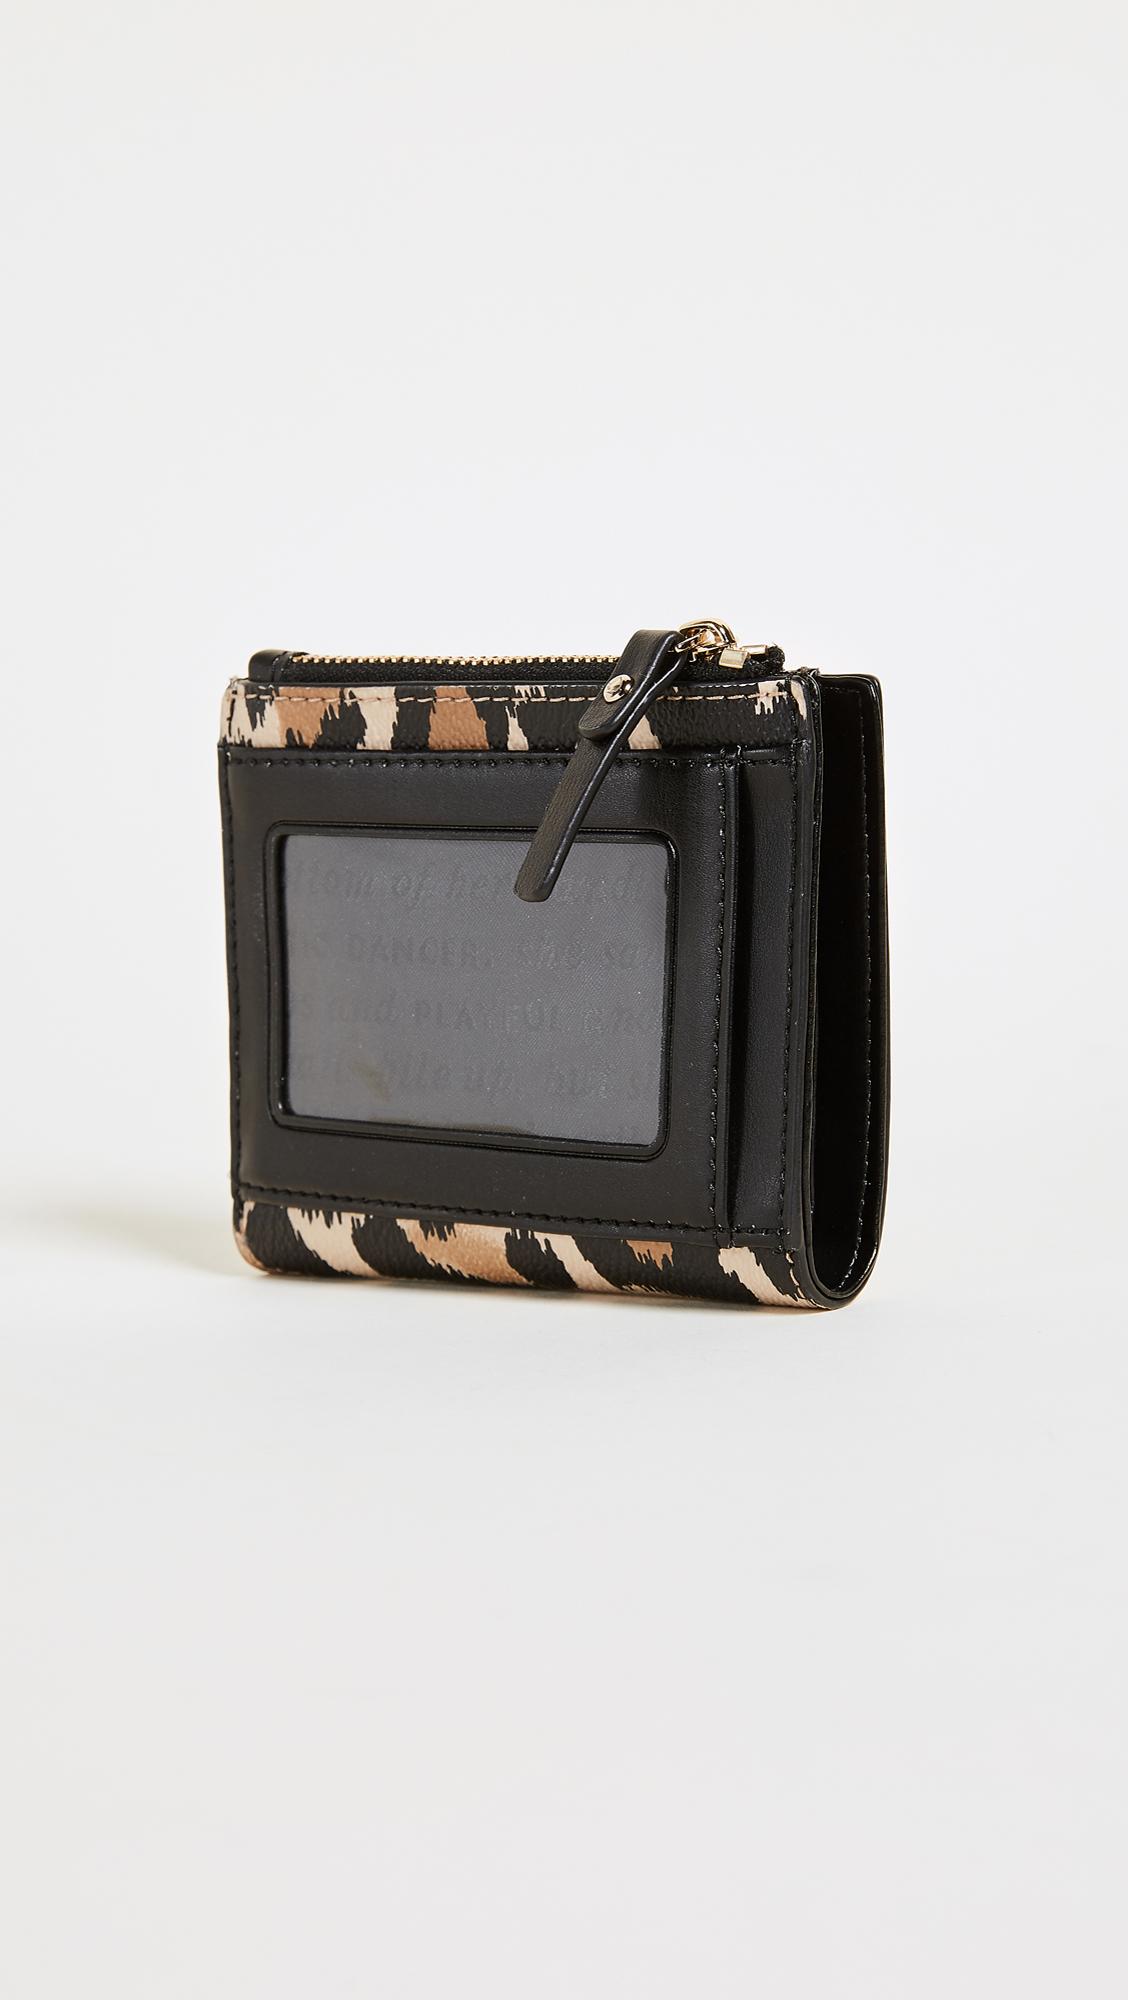 5f9c118e0a18 Kate Spade New York Hyde Lane Leopard Adalyn Wallet   SHOPBOP